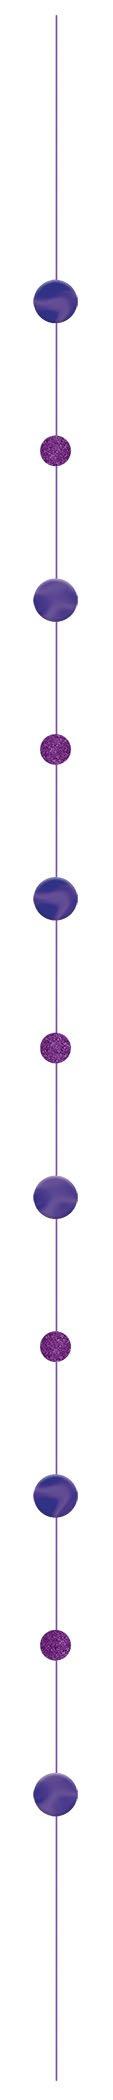 Balloon Fun Strings Purple